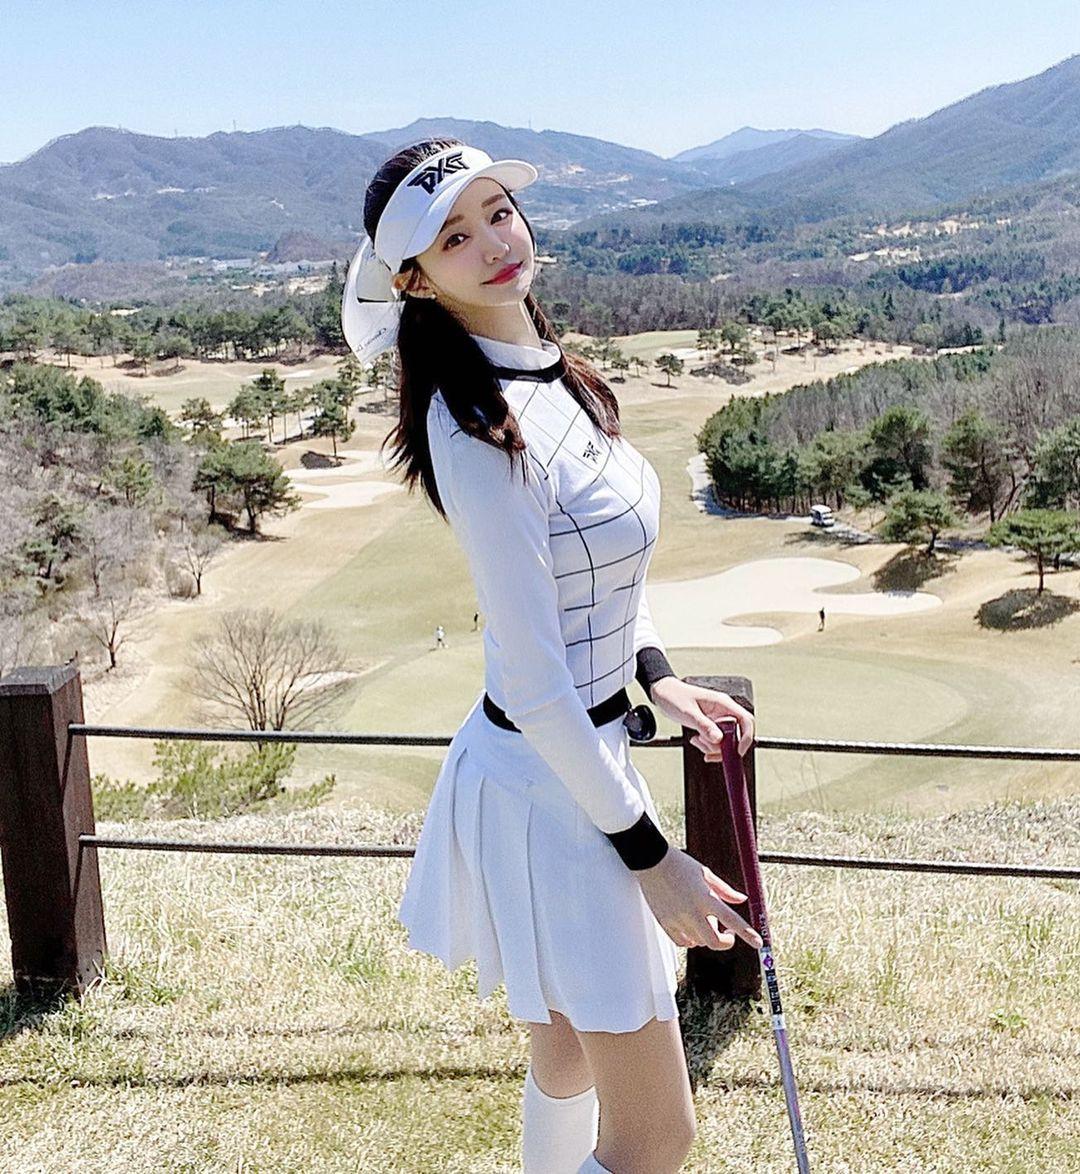 韩国美女主播「尹浩延」爱打高尔夫.球衣衬托超吸睛 养眼图片 第17张